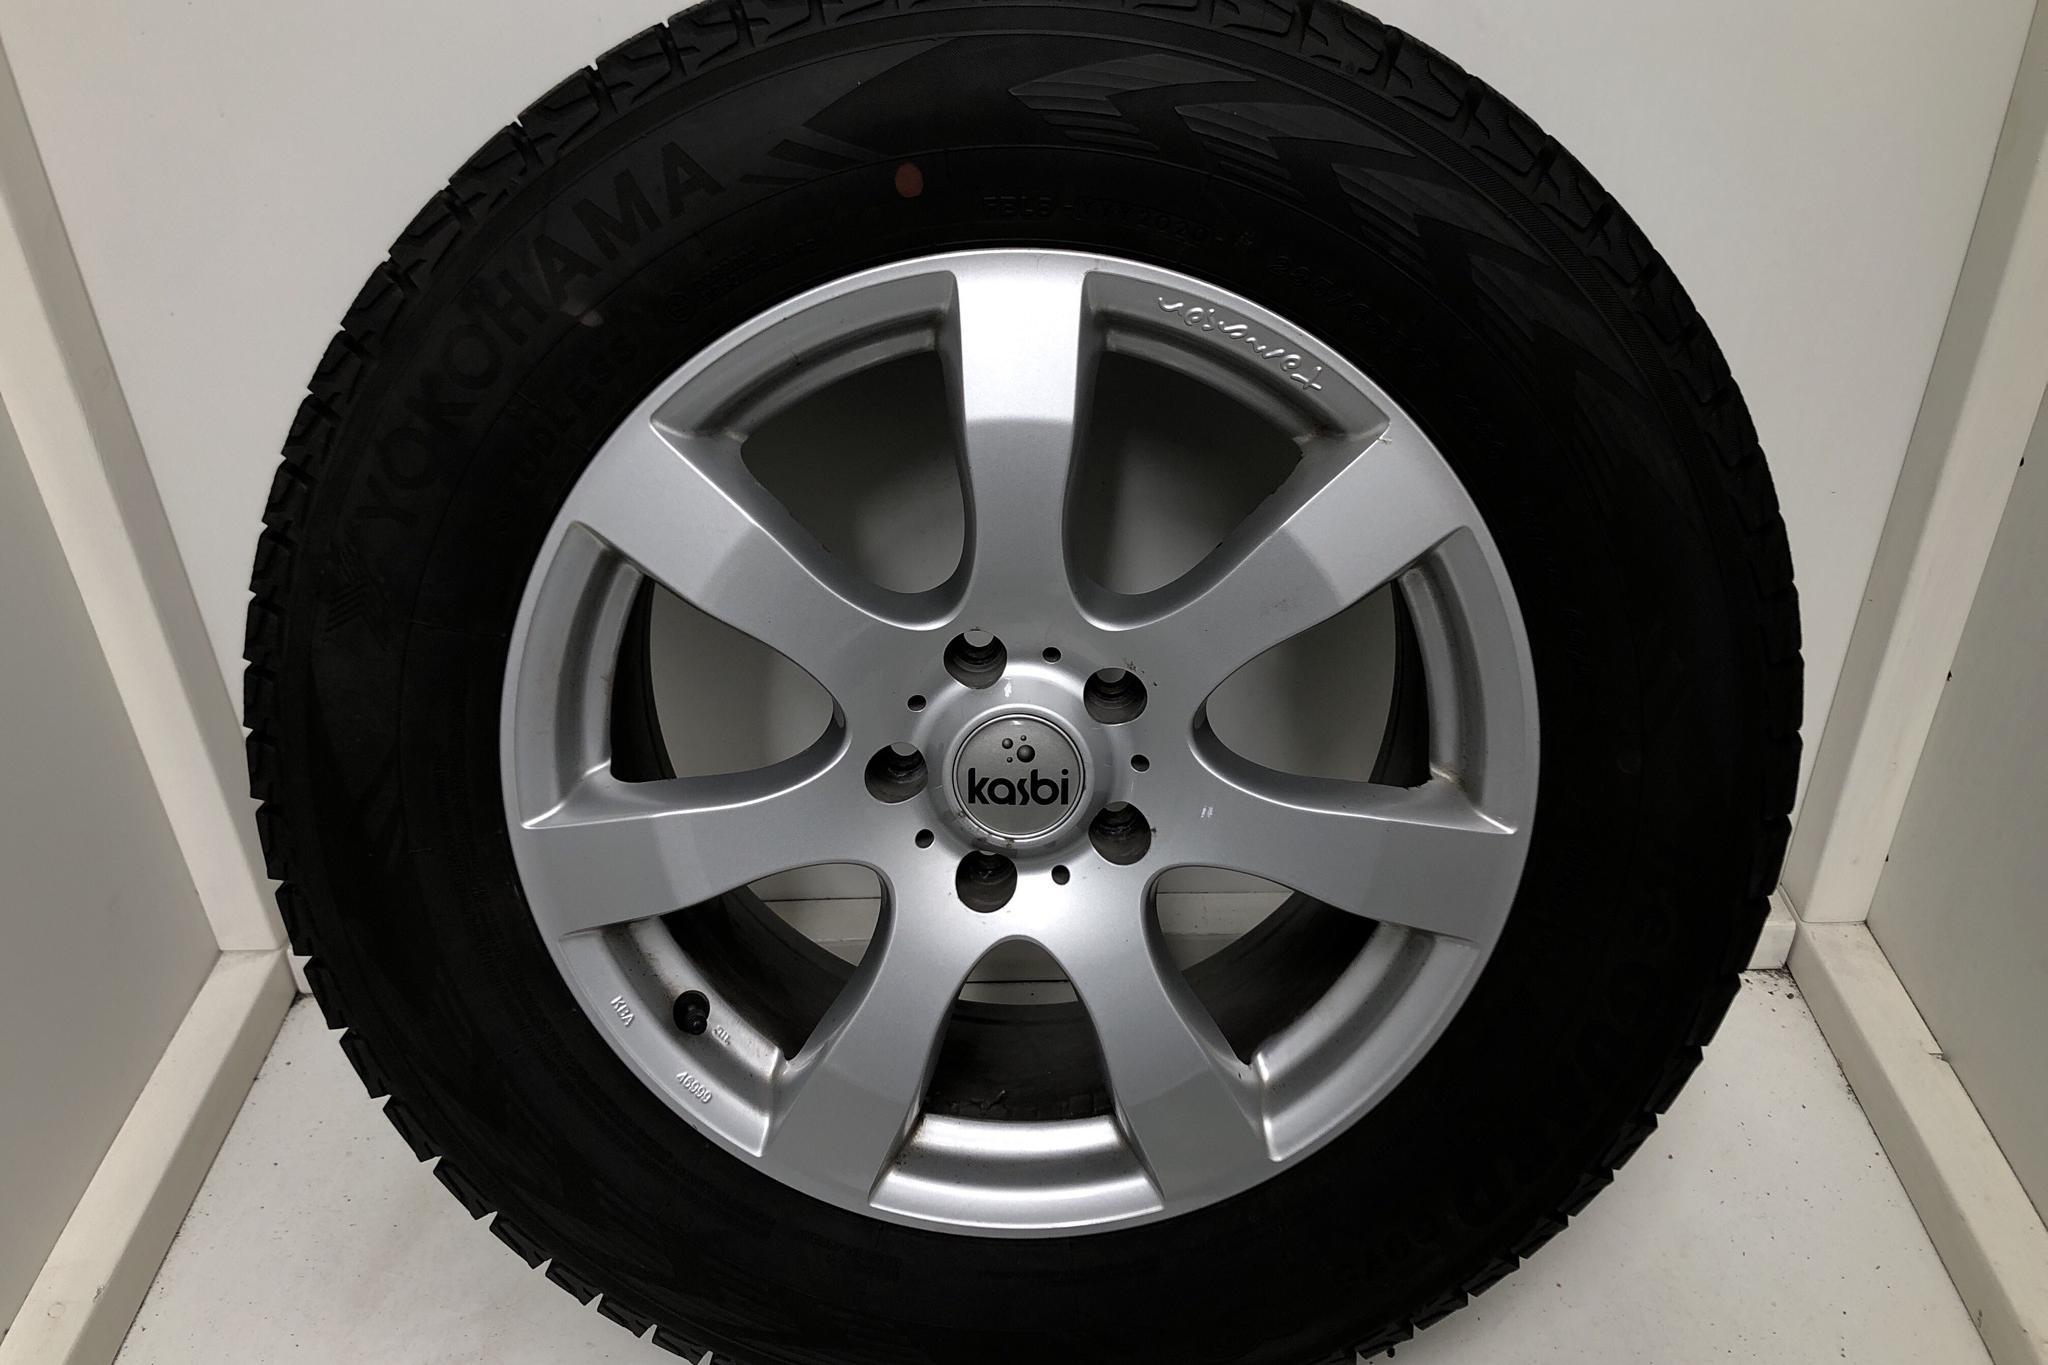 Honda CR-V 2.0 i-VTEC 4WD (155hk) - 10 873 mil - Automat - vit - 2014